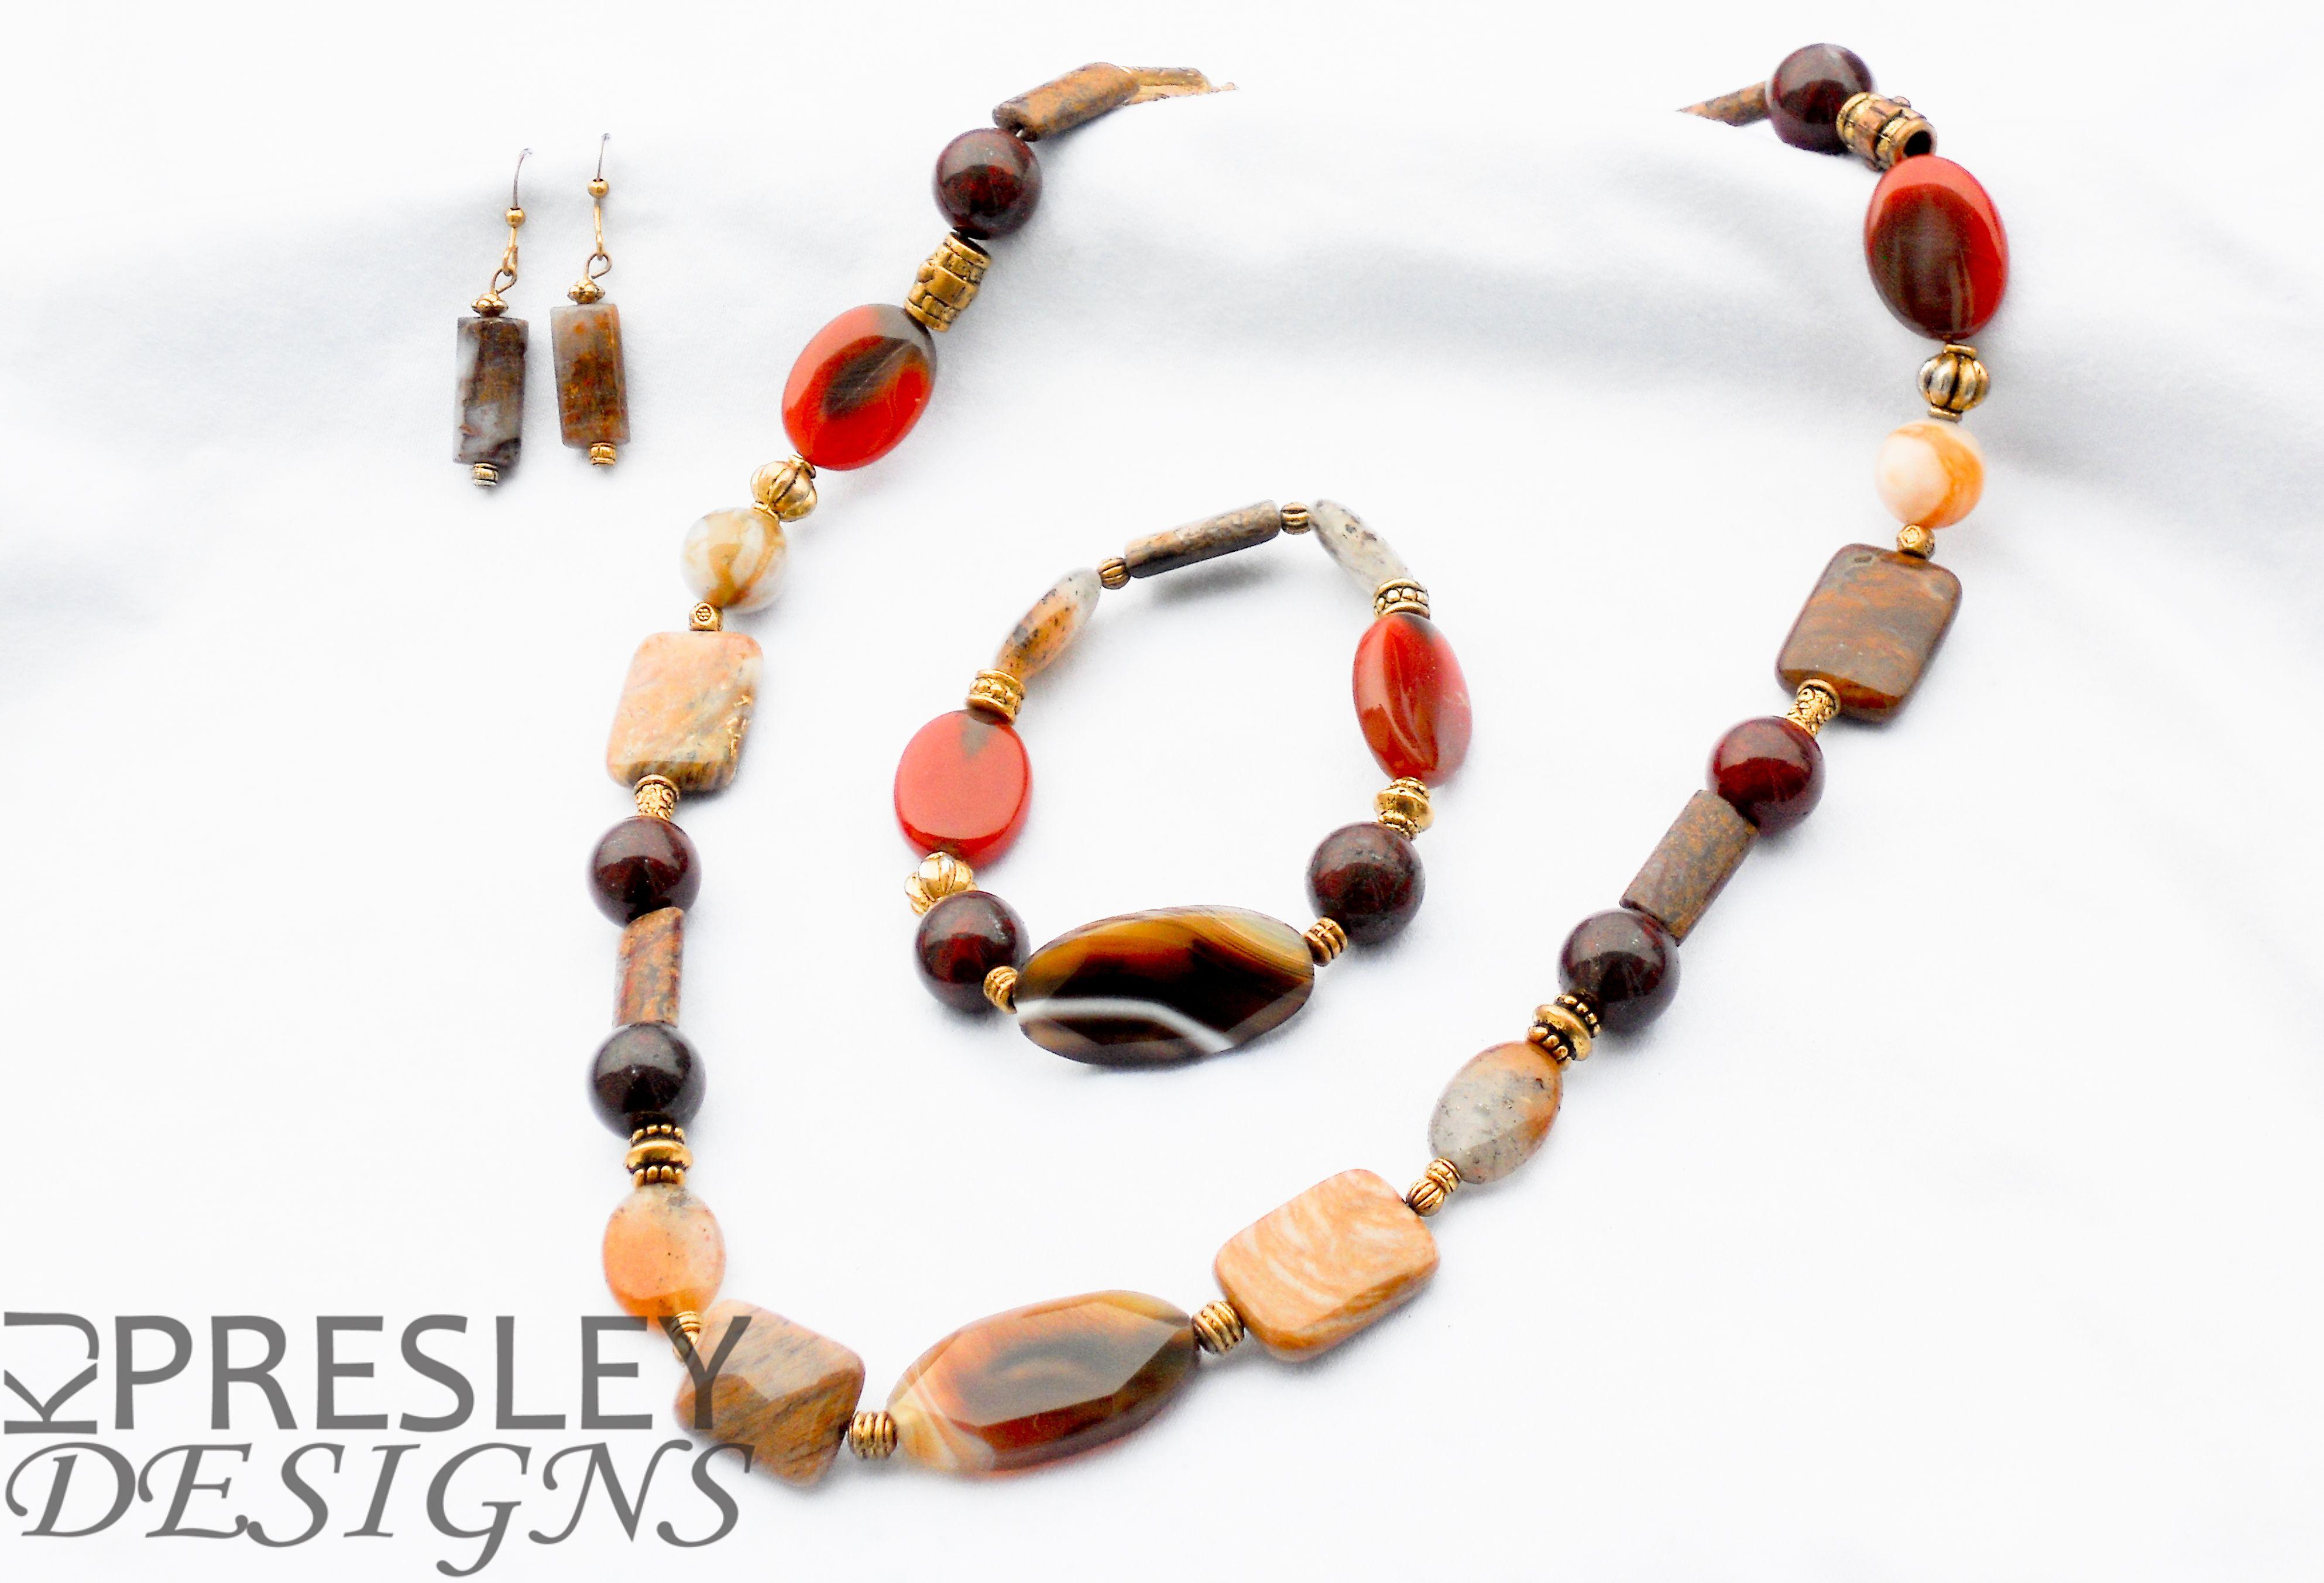 Red Carnelian Agate, Phantom Quartz, & Red Poppy Jasper Jewelry Set by KJPresley Designs  http://www.kjpresleydesigns.com/  #jewelry #necklace #bracelet #earrings @KJPresleyDesgns